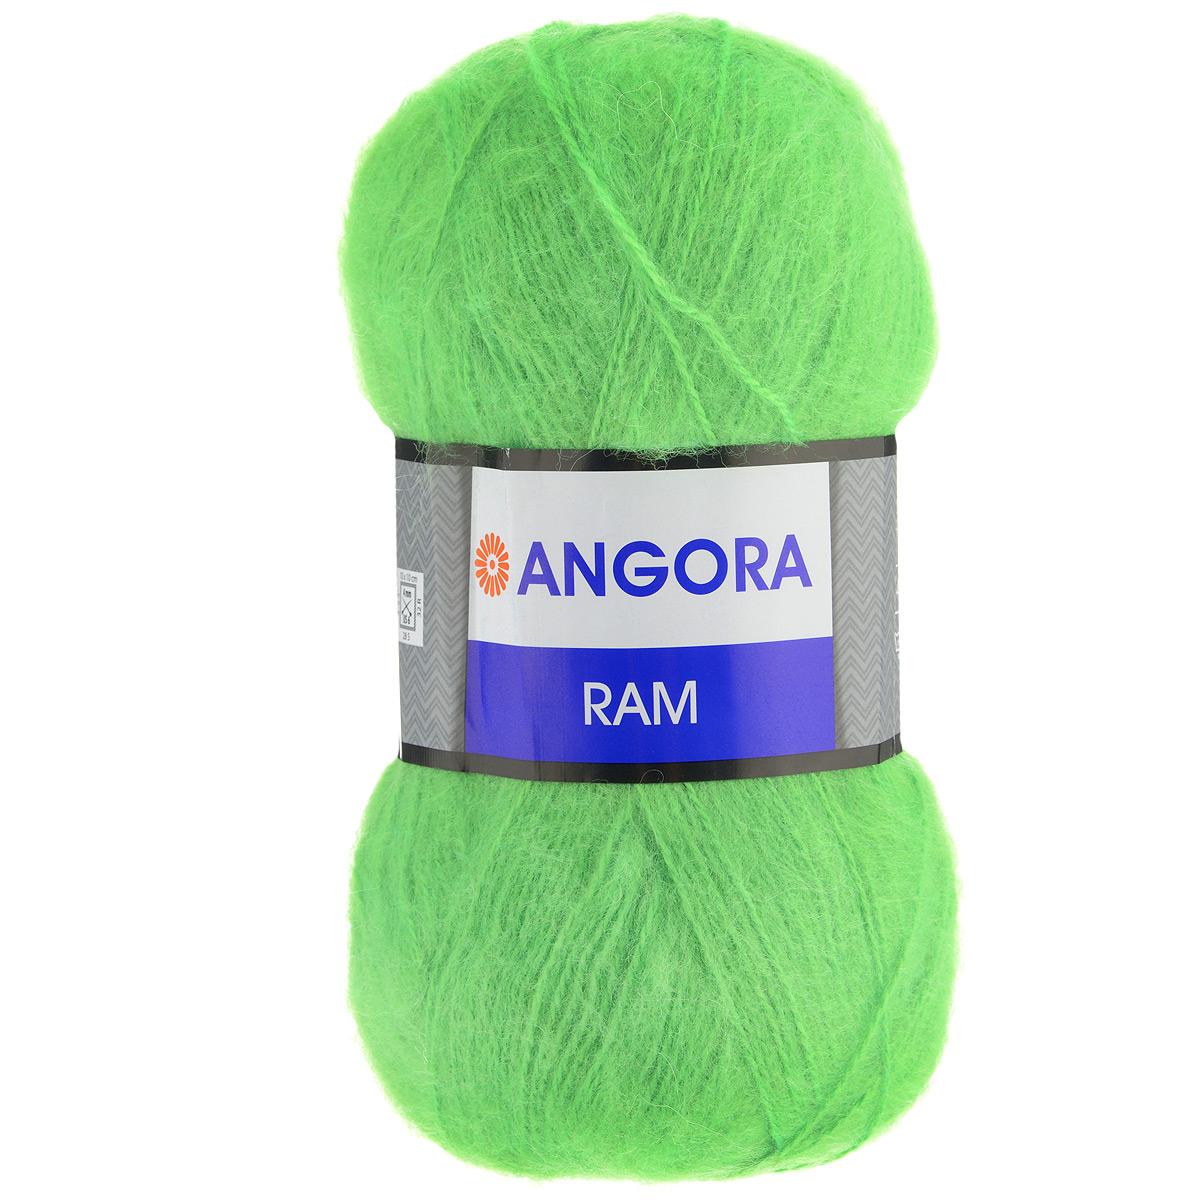 Пряжа для вязания YarnArt Angora Ram, цвет: ярко-зеленый (10118), 500 м, 100 г, 5 шт372037_10118Пряжа для вязания YarnArt Angora Ram изготовлена из натурального мохера с добавлением акрила. Пряжа из такого материала обладает повышенной прочностью и эластичностью, а изделия получаются теплые и уютные. Скрутка нити плотная, равномерная, не расслаивается, не путается, хорошо скользит по спицам, вяжется очень легко. Петли выглядят аккуратно, а натуральный мохер обеспечивает теплоту, легкость и превосходный внешний вид. Нить можно комбинировать с полушерстяными пряжами для смягчения рисунка, придания благородной пушистости фактуре нити, а также для улучшения тепловых характеристик. Благодаря содержанию синтетических волокон, изделия из YarnArt Angora Ram устойчива к скатыванию, а благодаря своей мягкости подходит для детских вещей. Ажурные вещи из этой пряжи сохраняют тепло не хуже плотного вязания, оставаясь легкими и объемными. Рекомендована ручная стирка до 30°C. Рекомендованные спицы и крючок для вязания 4 мм. Состав: 40% мохер,...